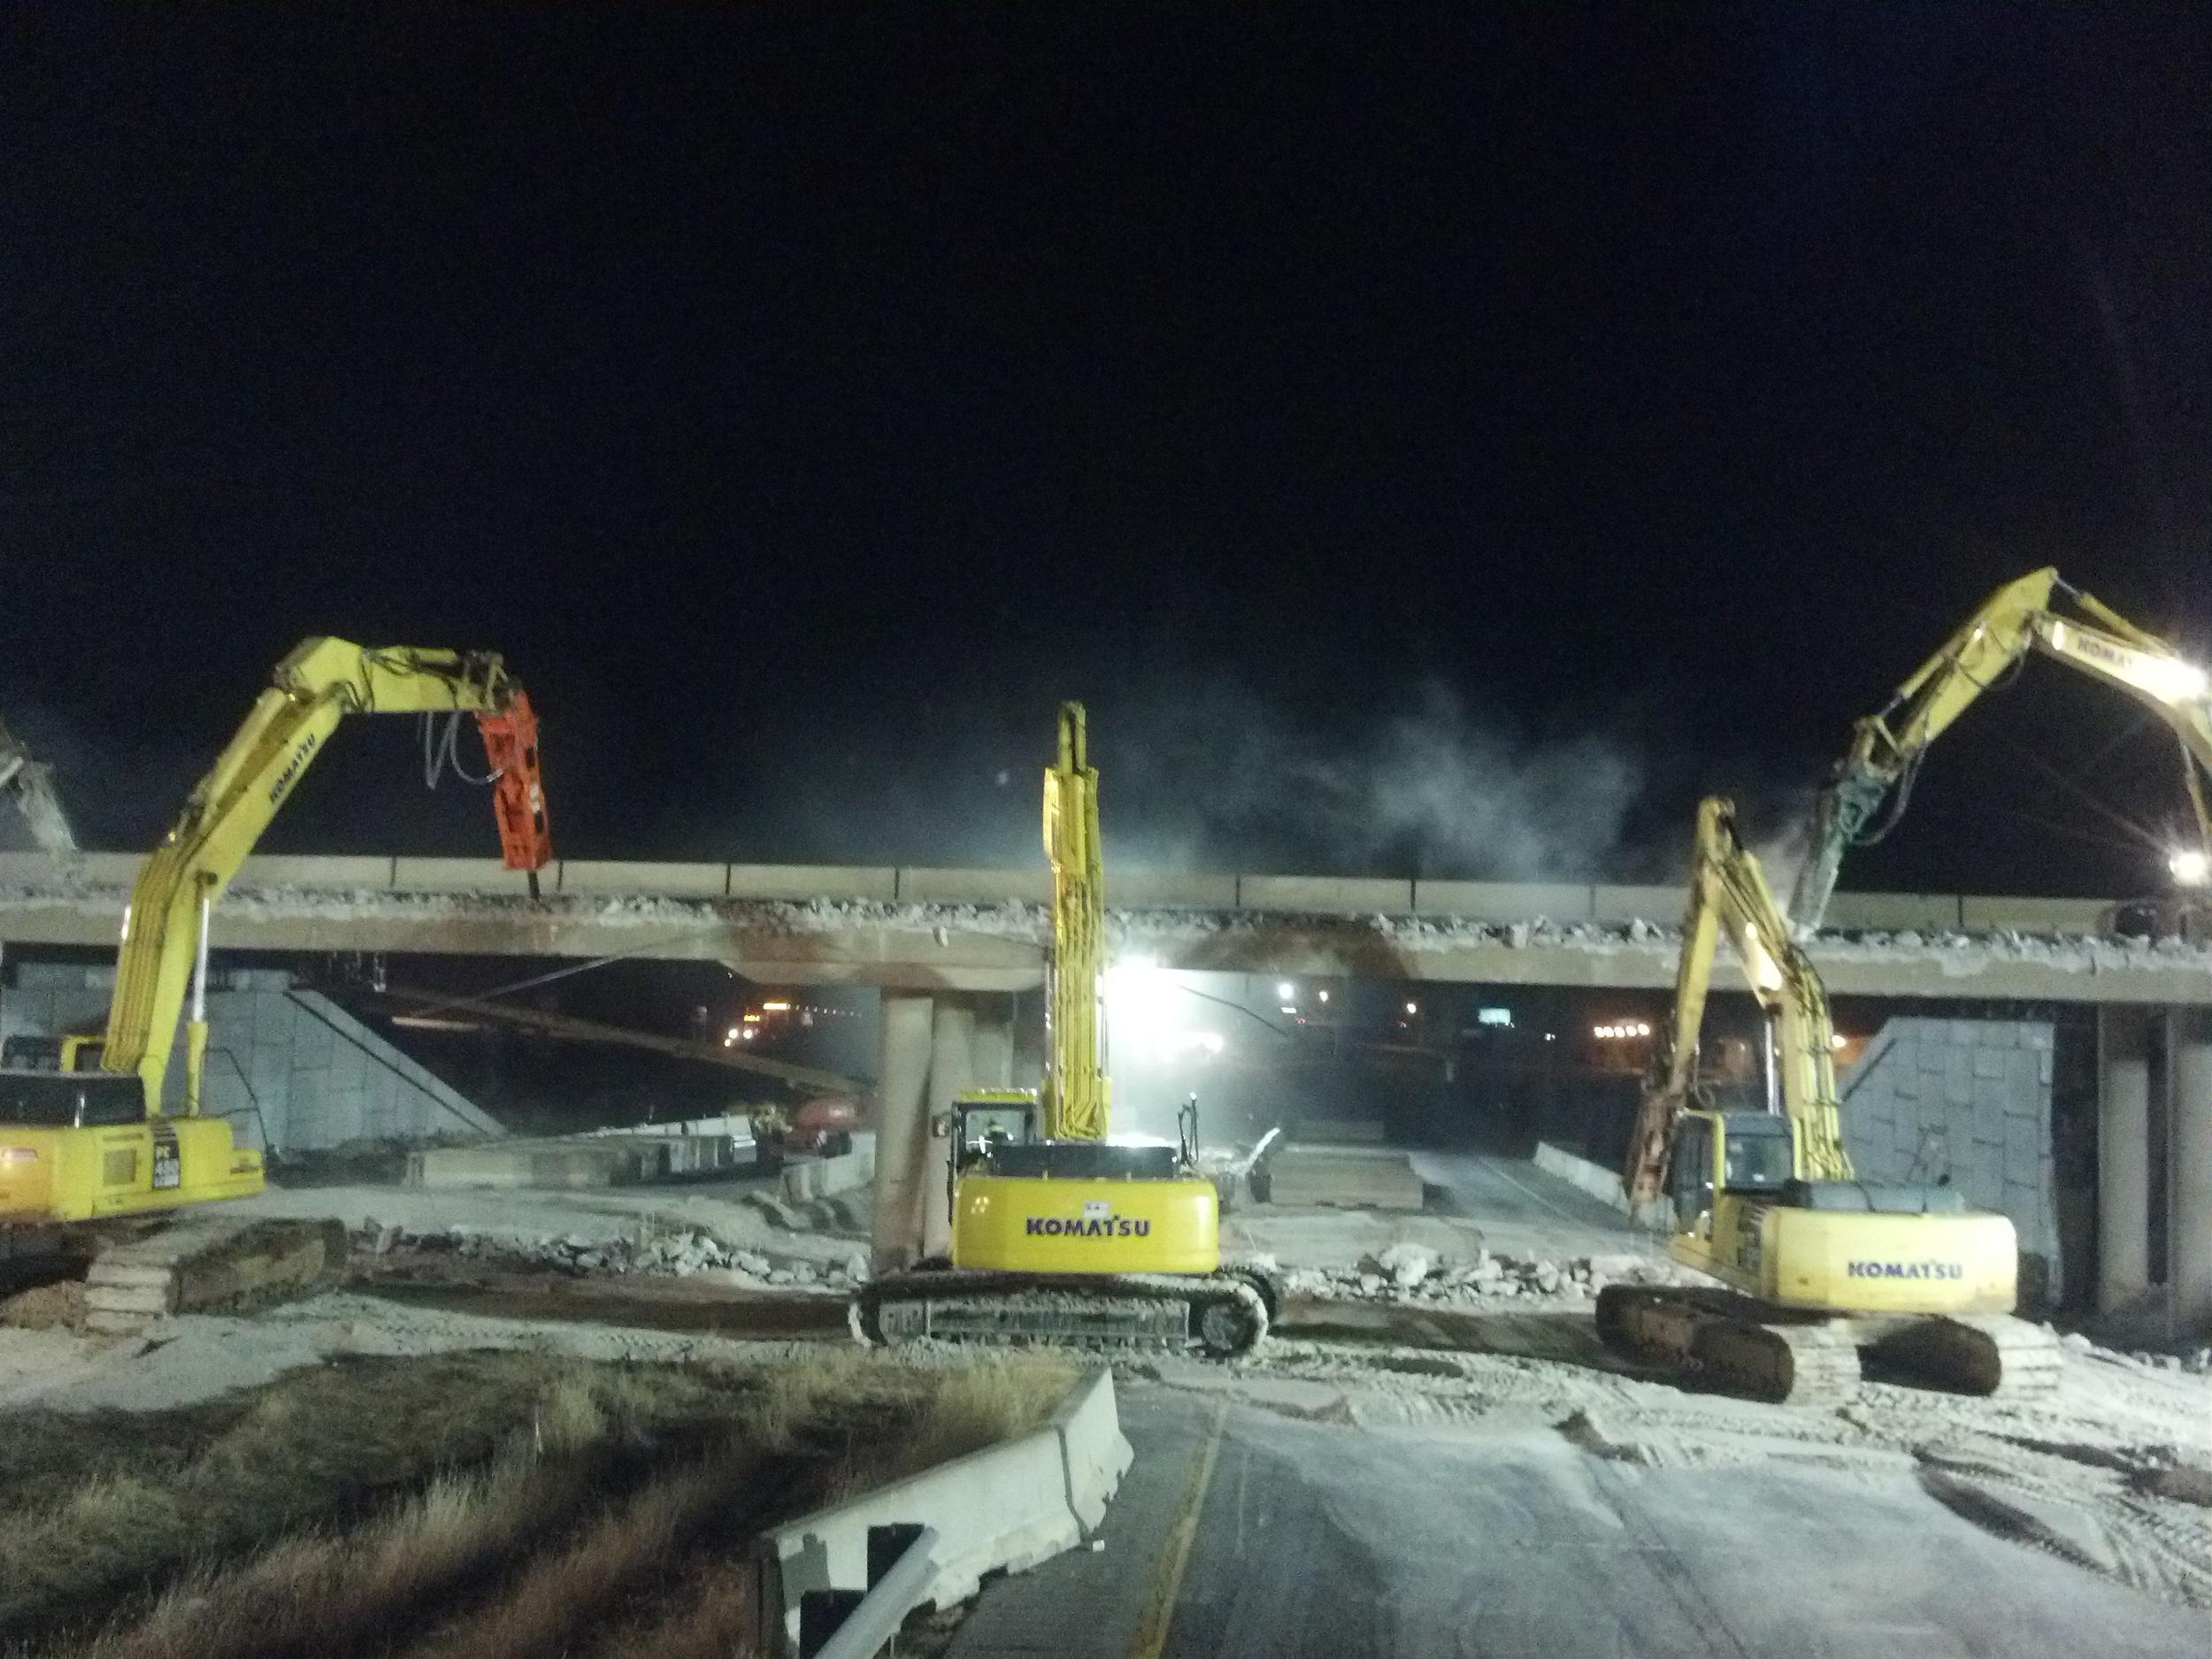 Rte. 160 Bridge Demo over I-44, Springfield, MO